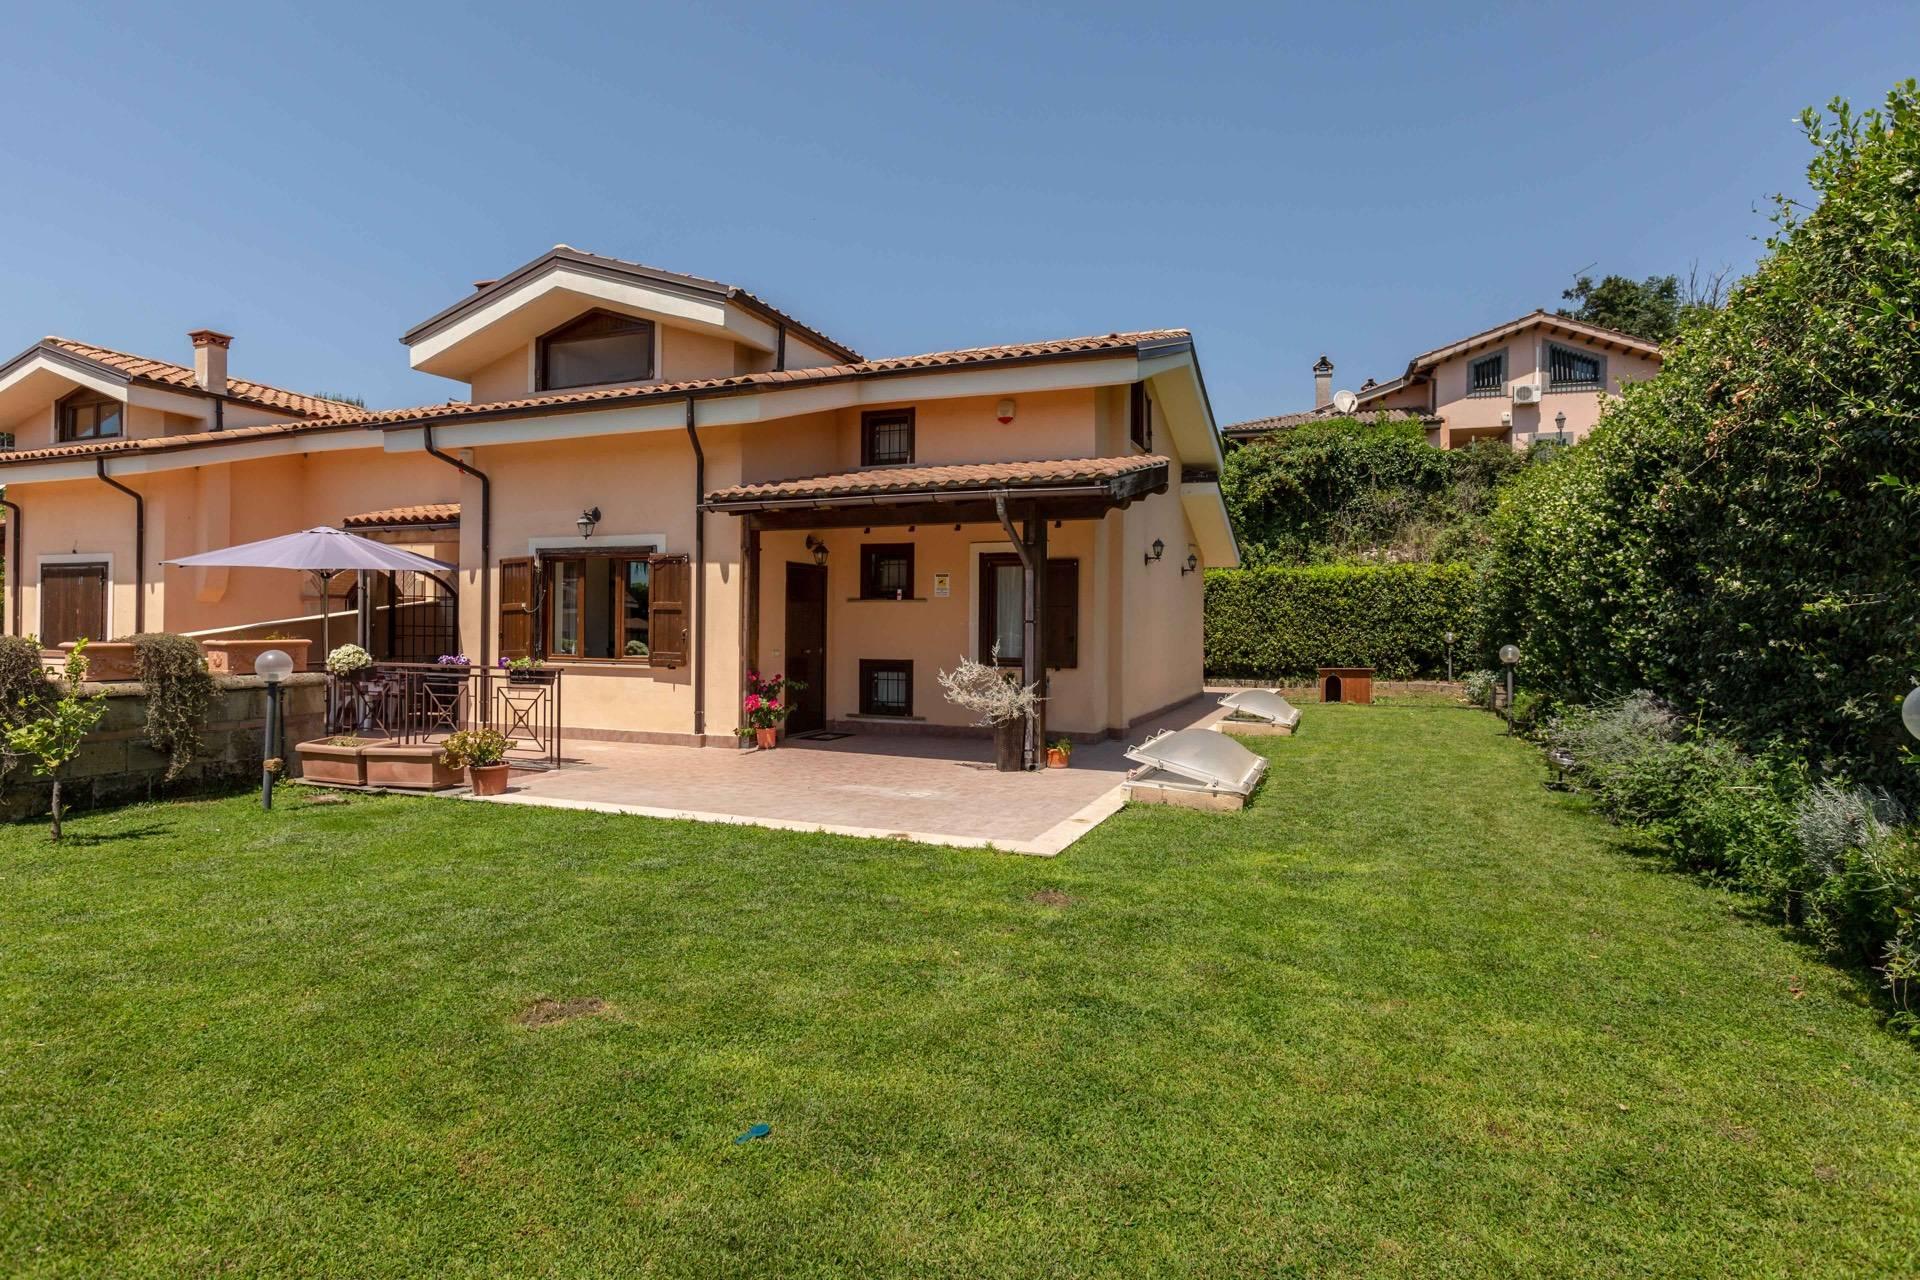 Guarda altre immagini sfogliando questa e altre gallerie. Villa Cottage For Sale In Sacrofano Ref Cbi038 1130 301019